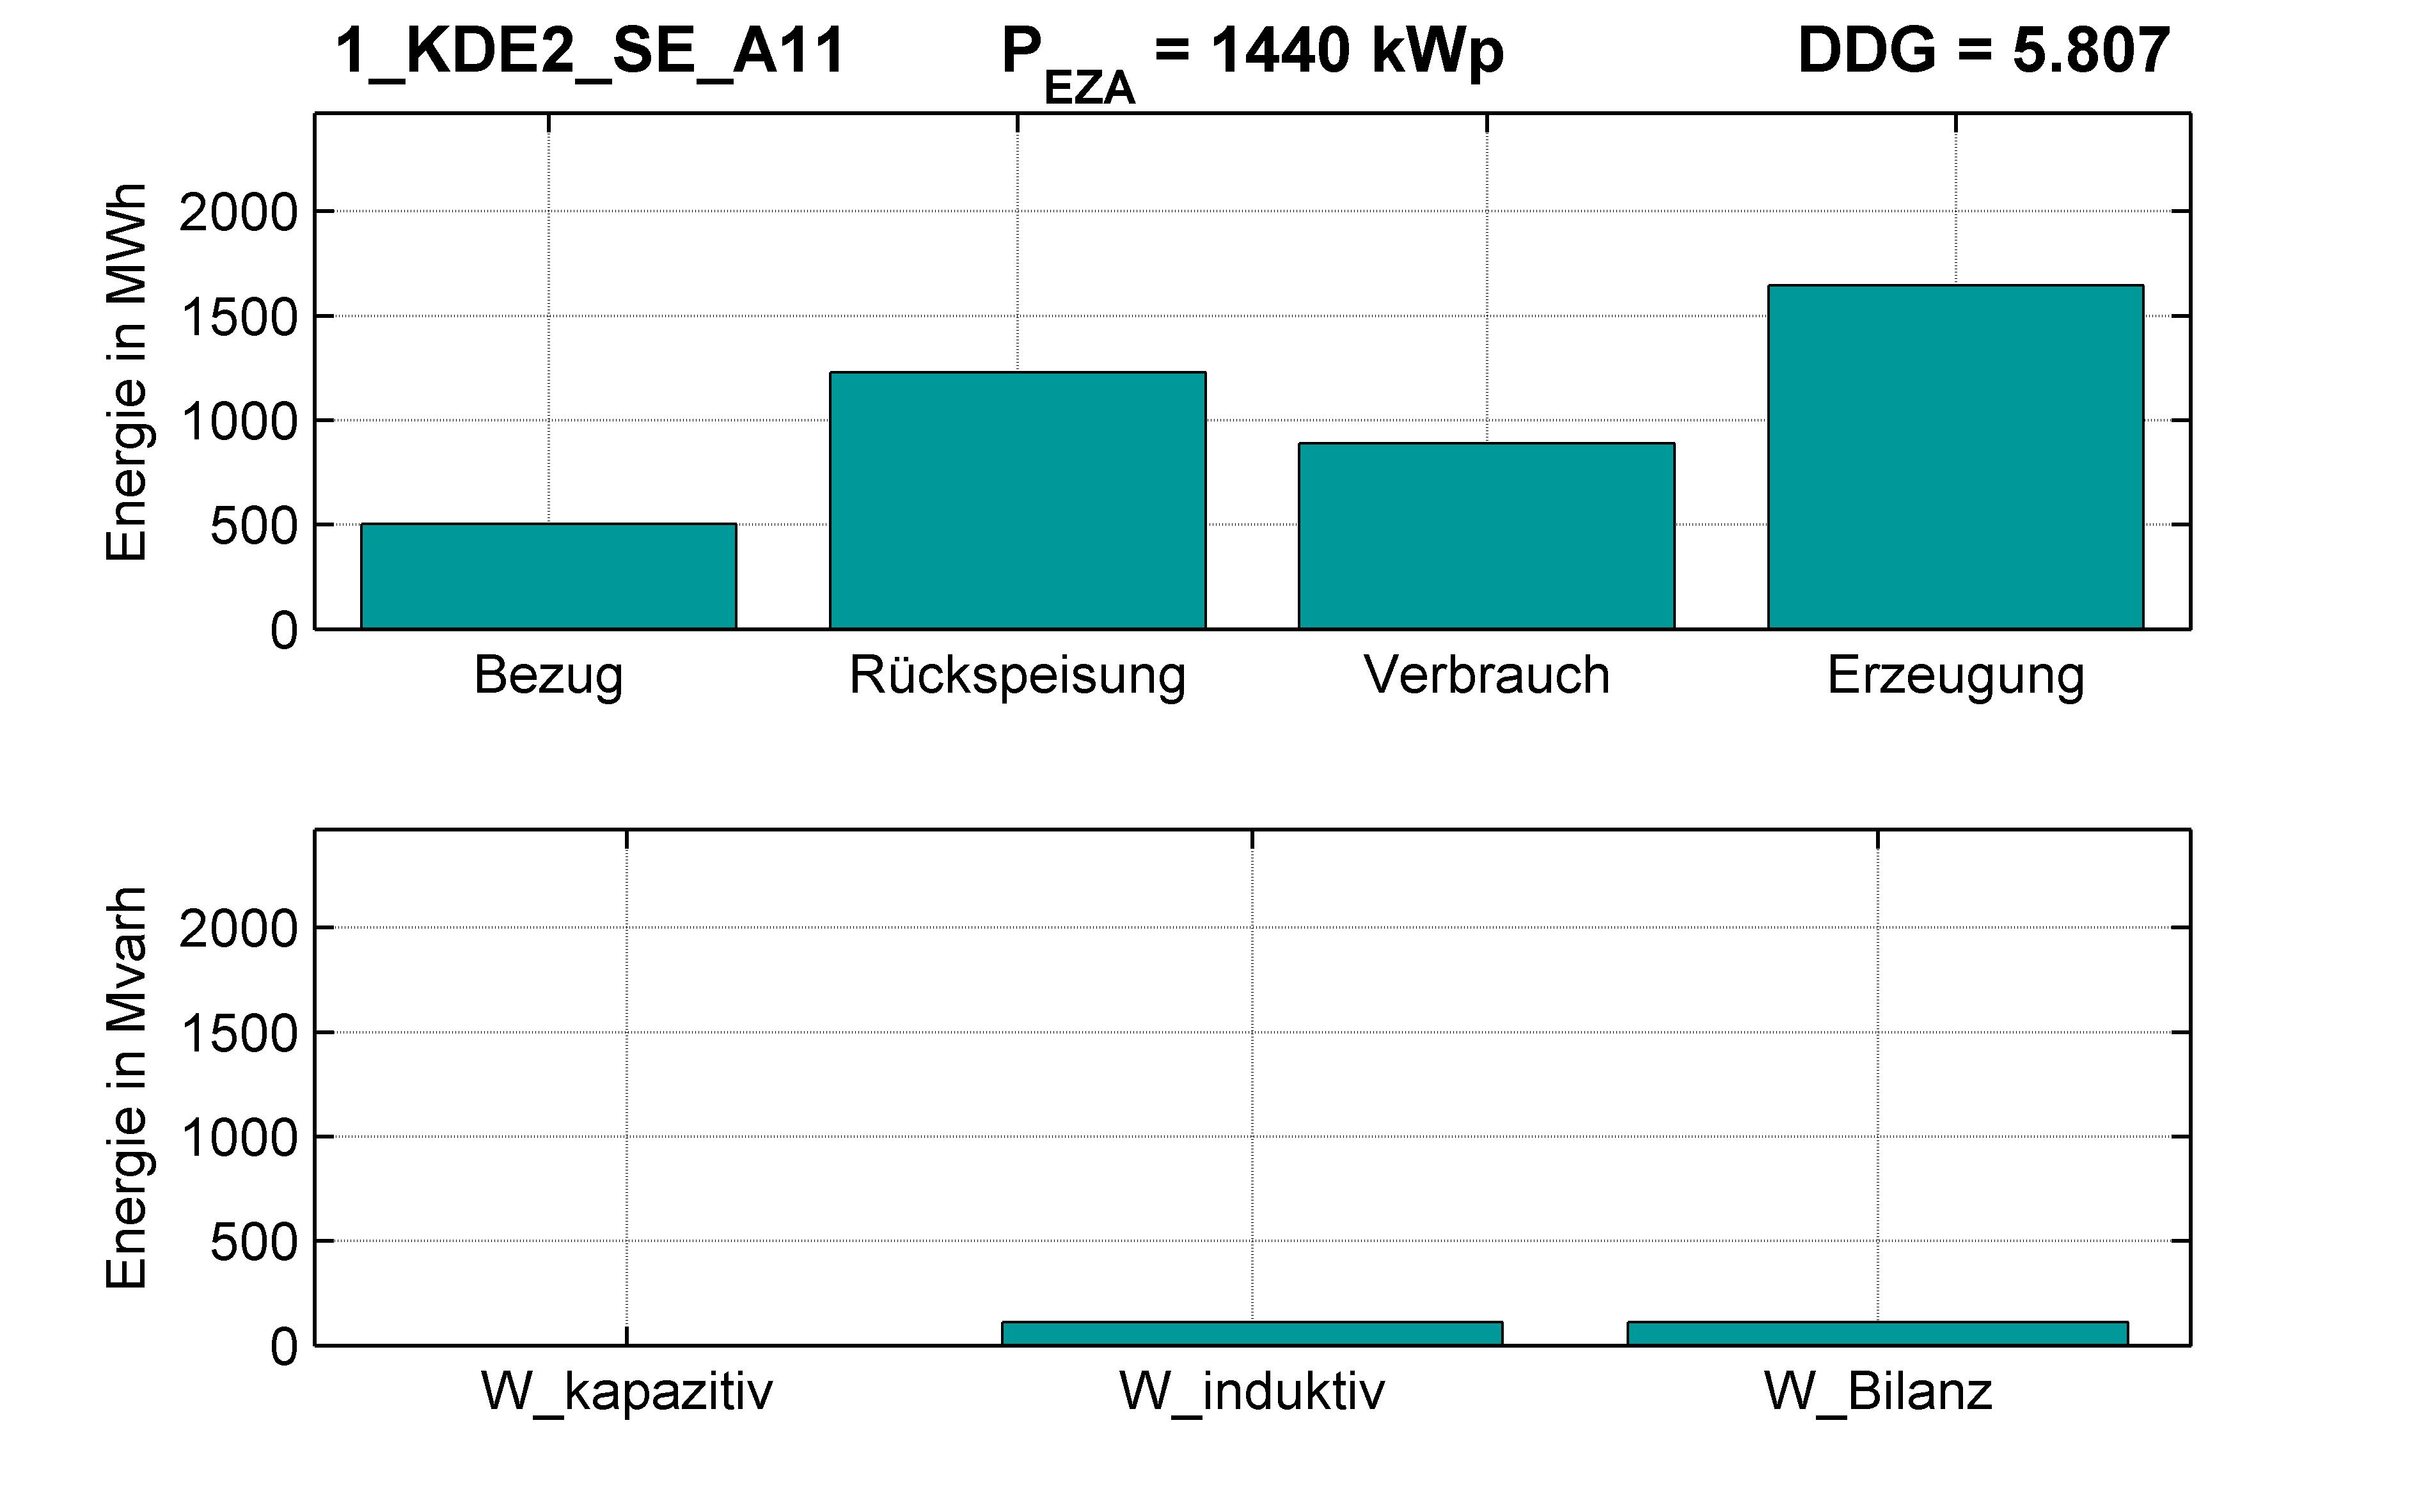 KDE2 | KABEL (SE) A11 | PQ-Bilanz